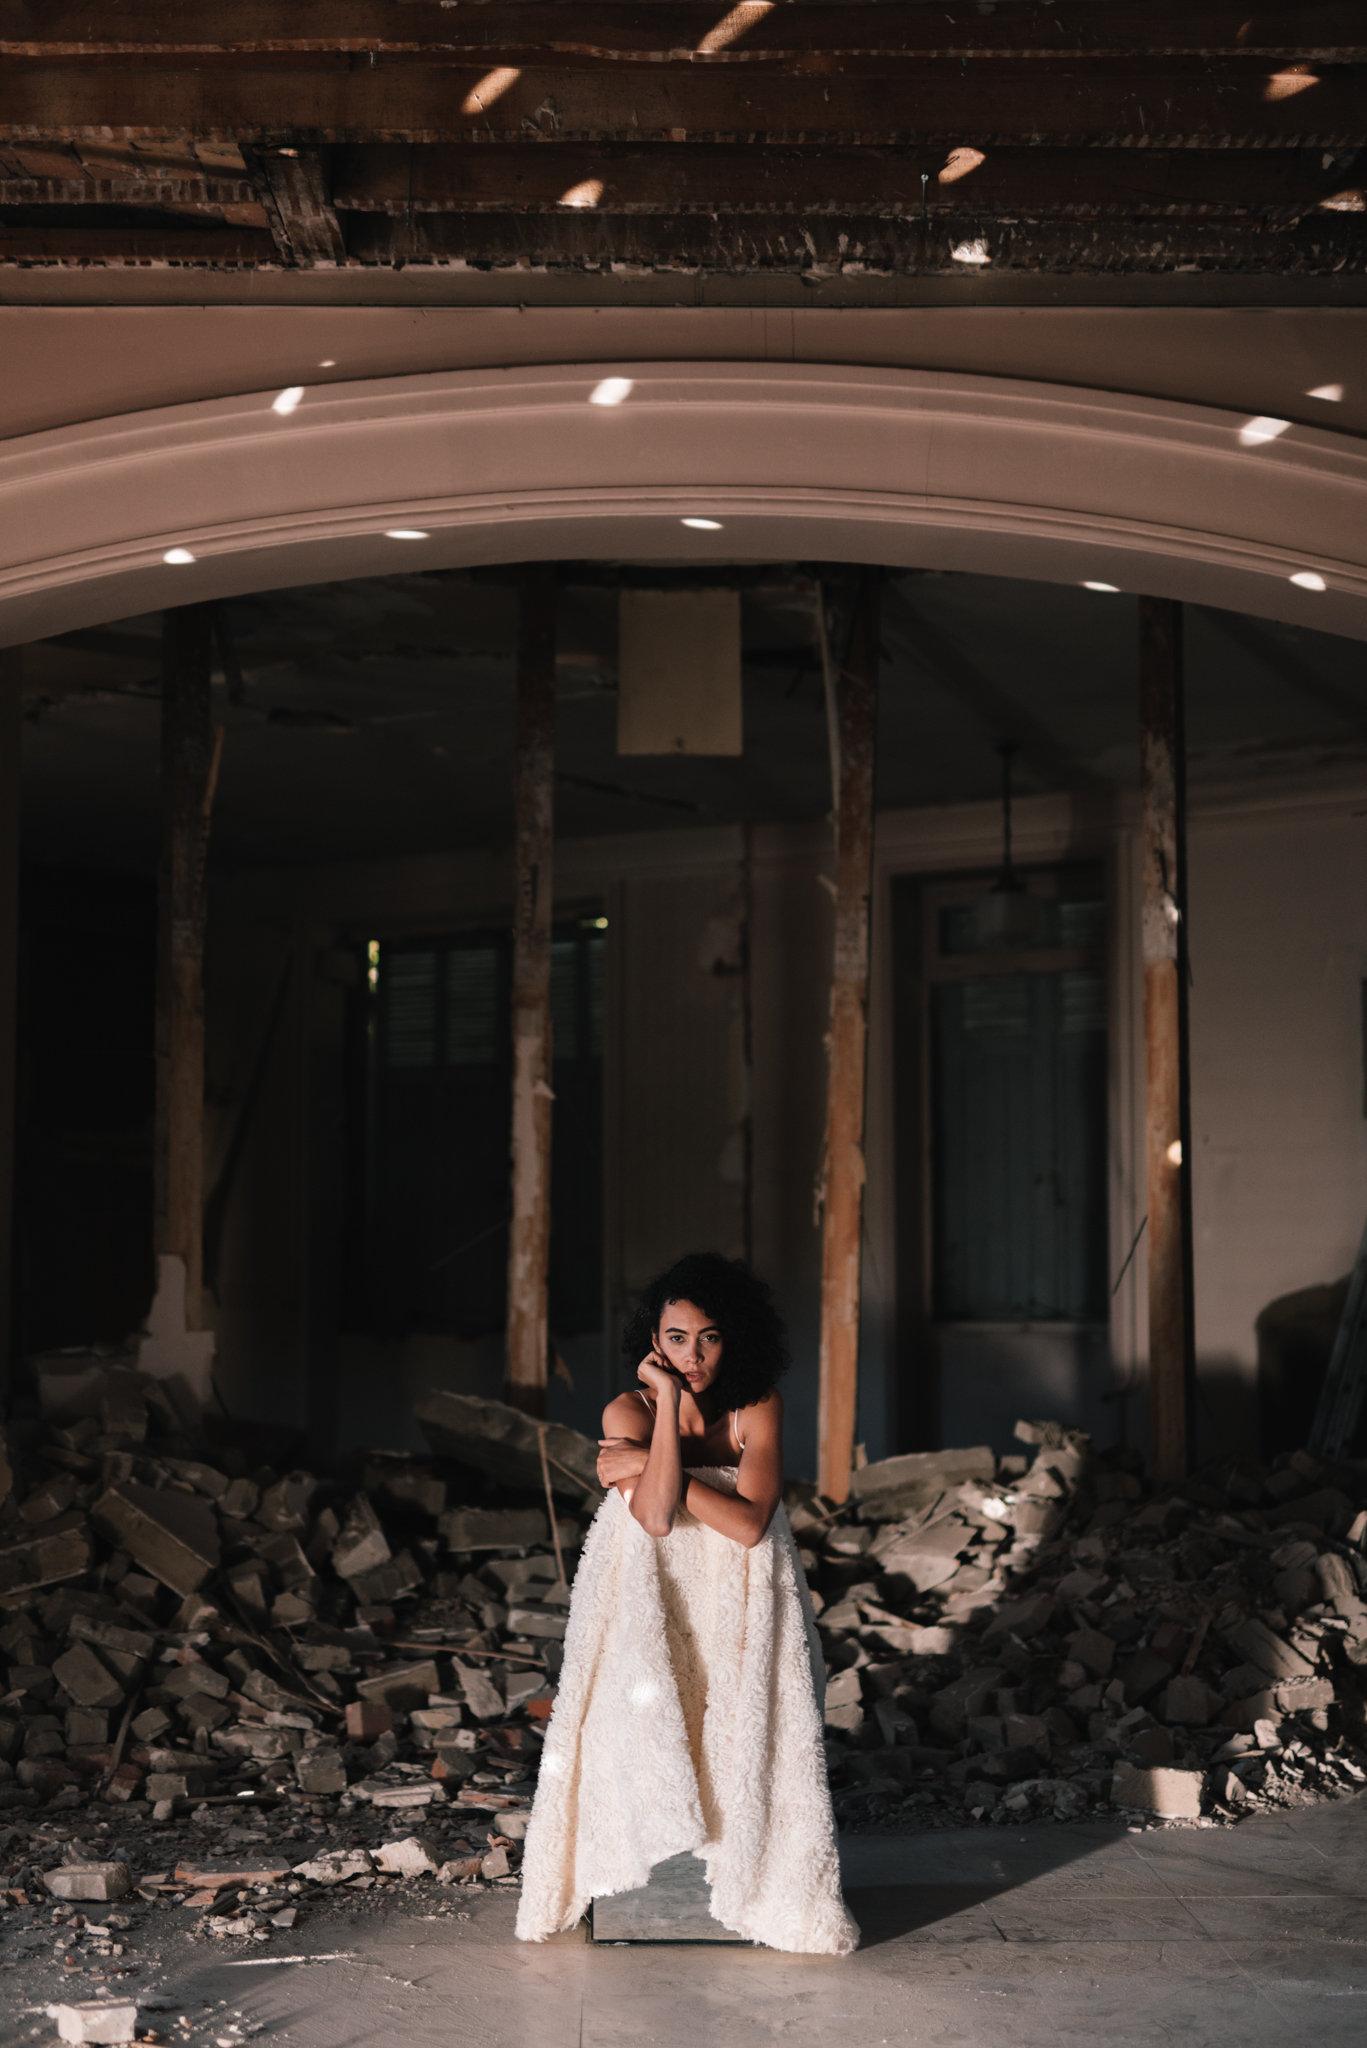 Clémentine Iacono   Collection 2019 robes de mariée   Crédit Chloé Lapeyssonnie   La mariée sous les étoiles